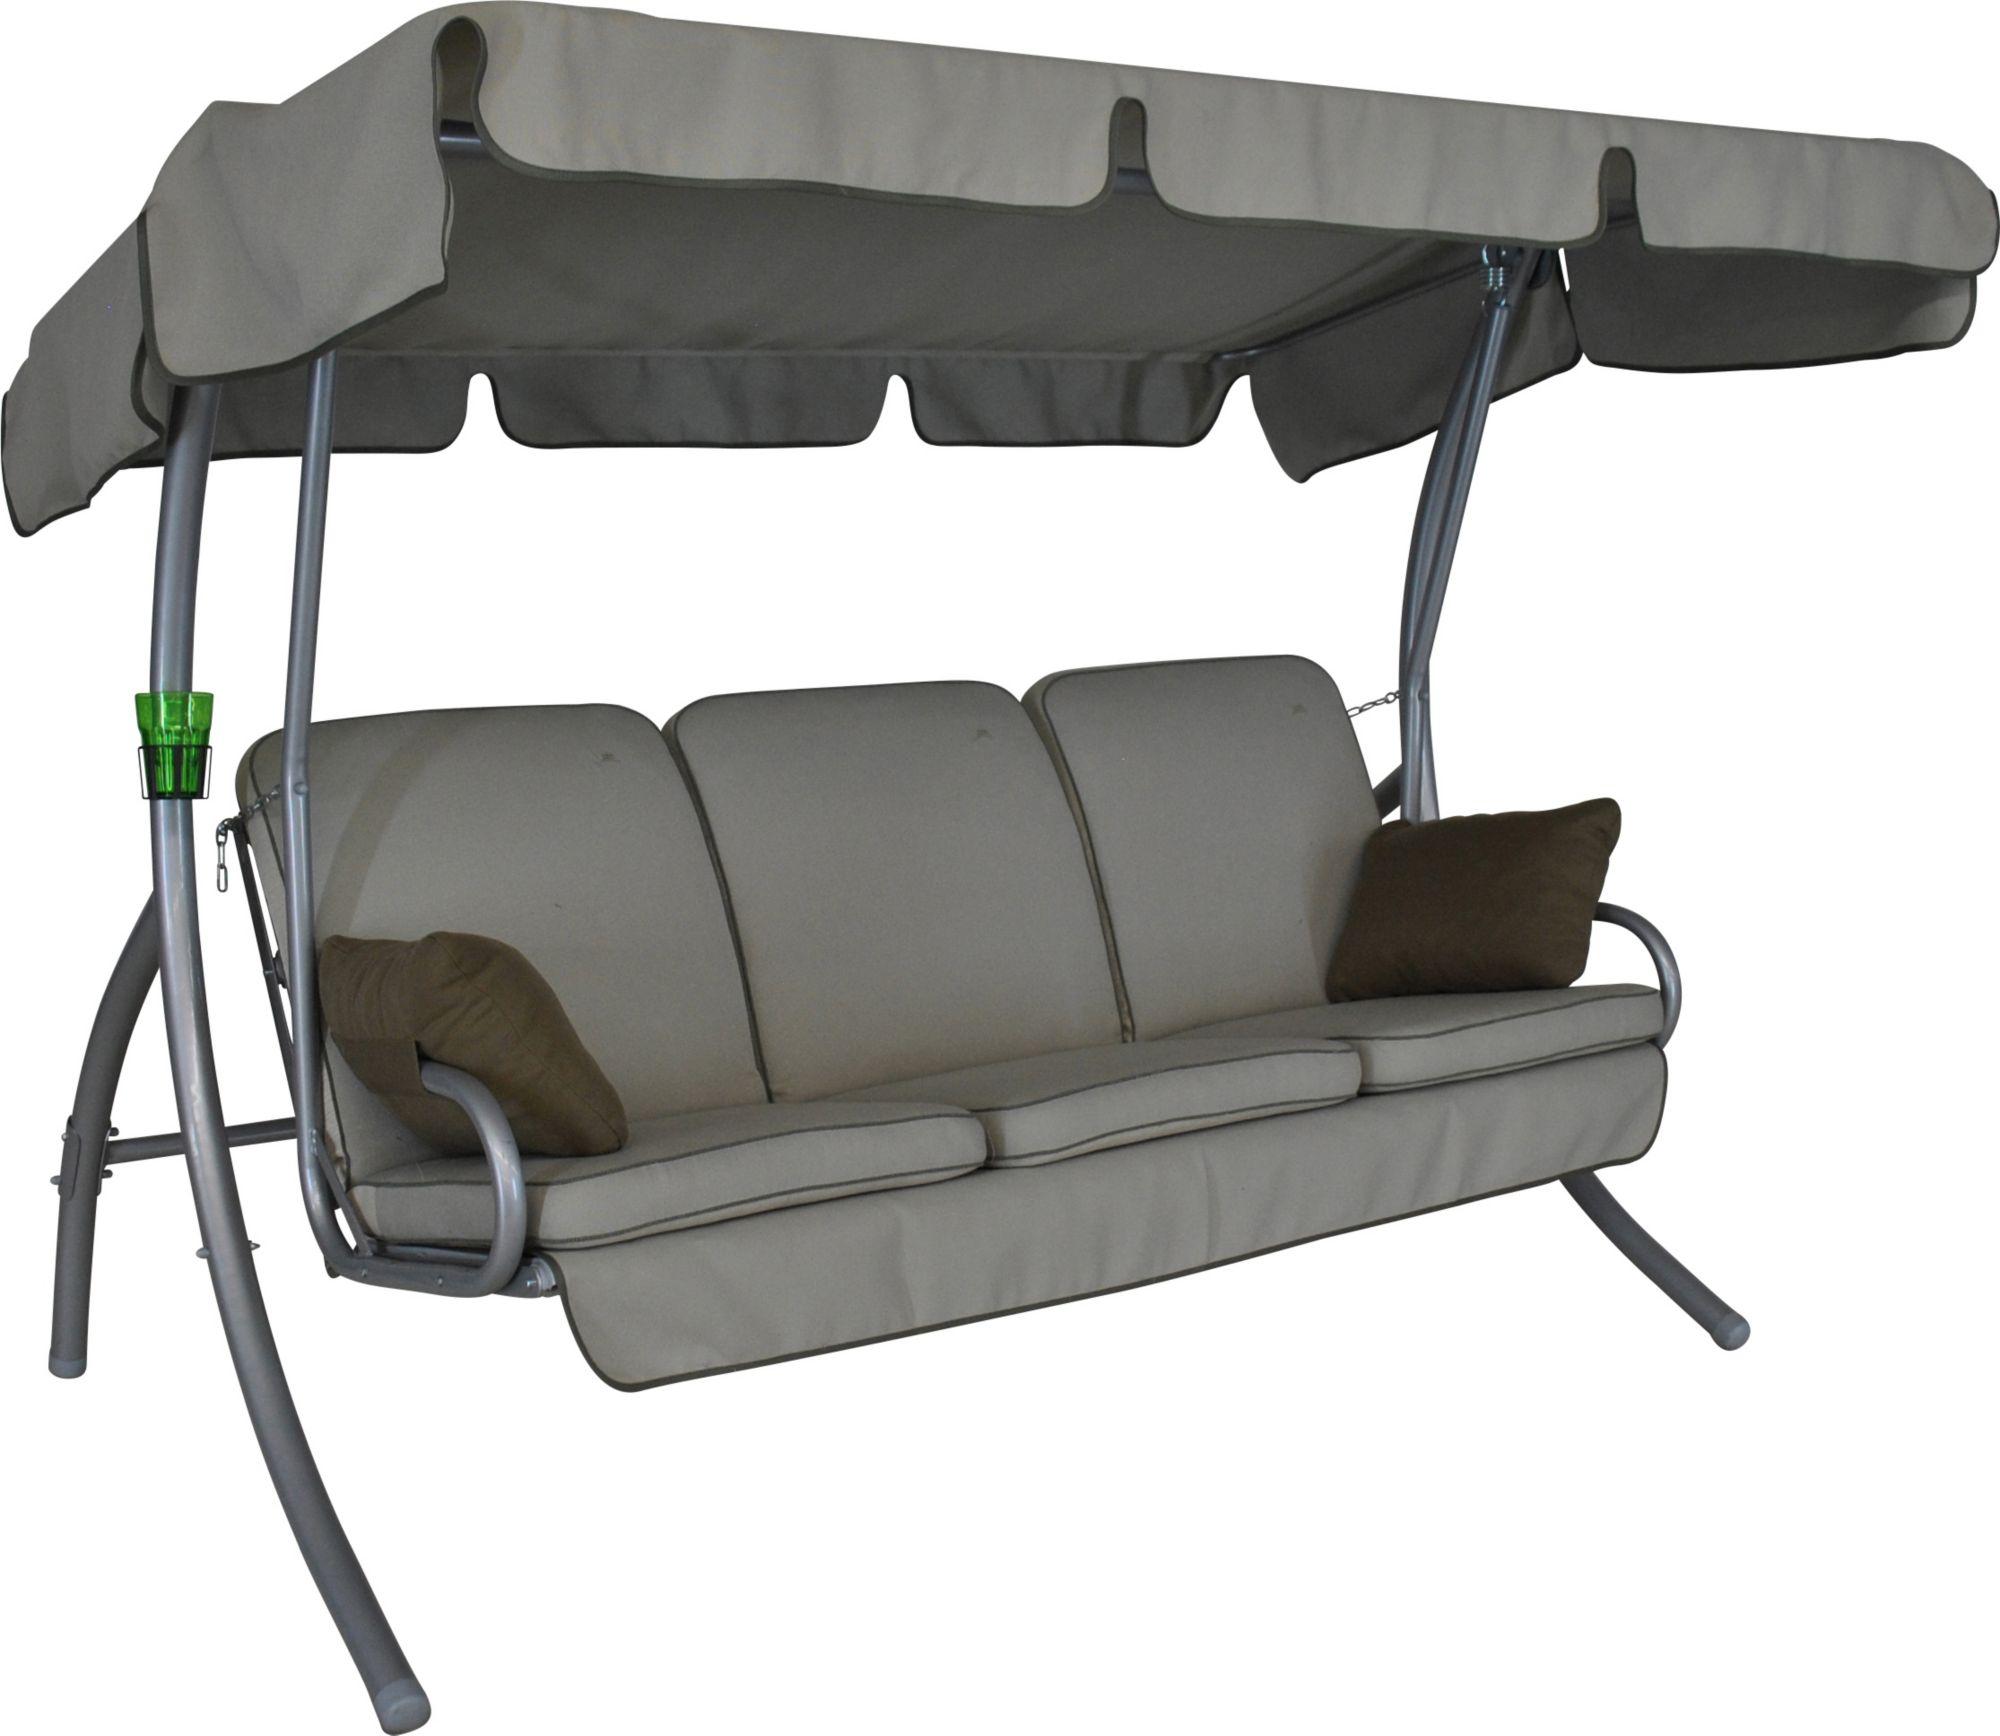 ANGERER FREIZEITMÖBEL  Hollywoodschaukel »Comfort Style«, 3-Sitzer, beige